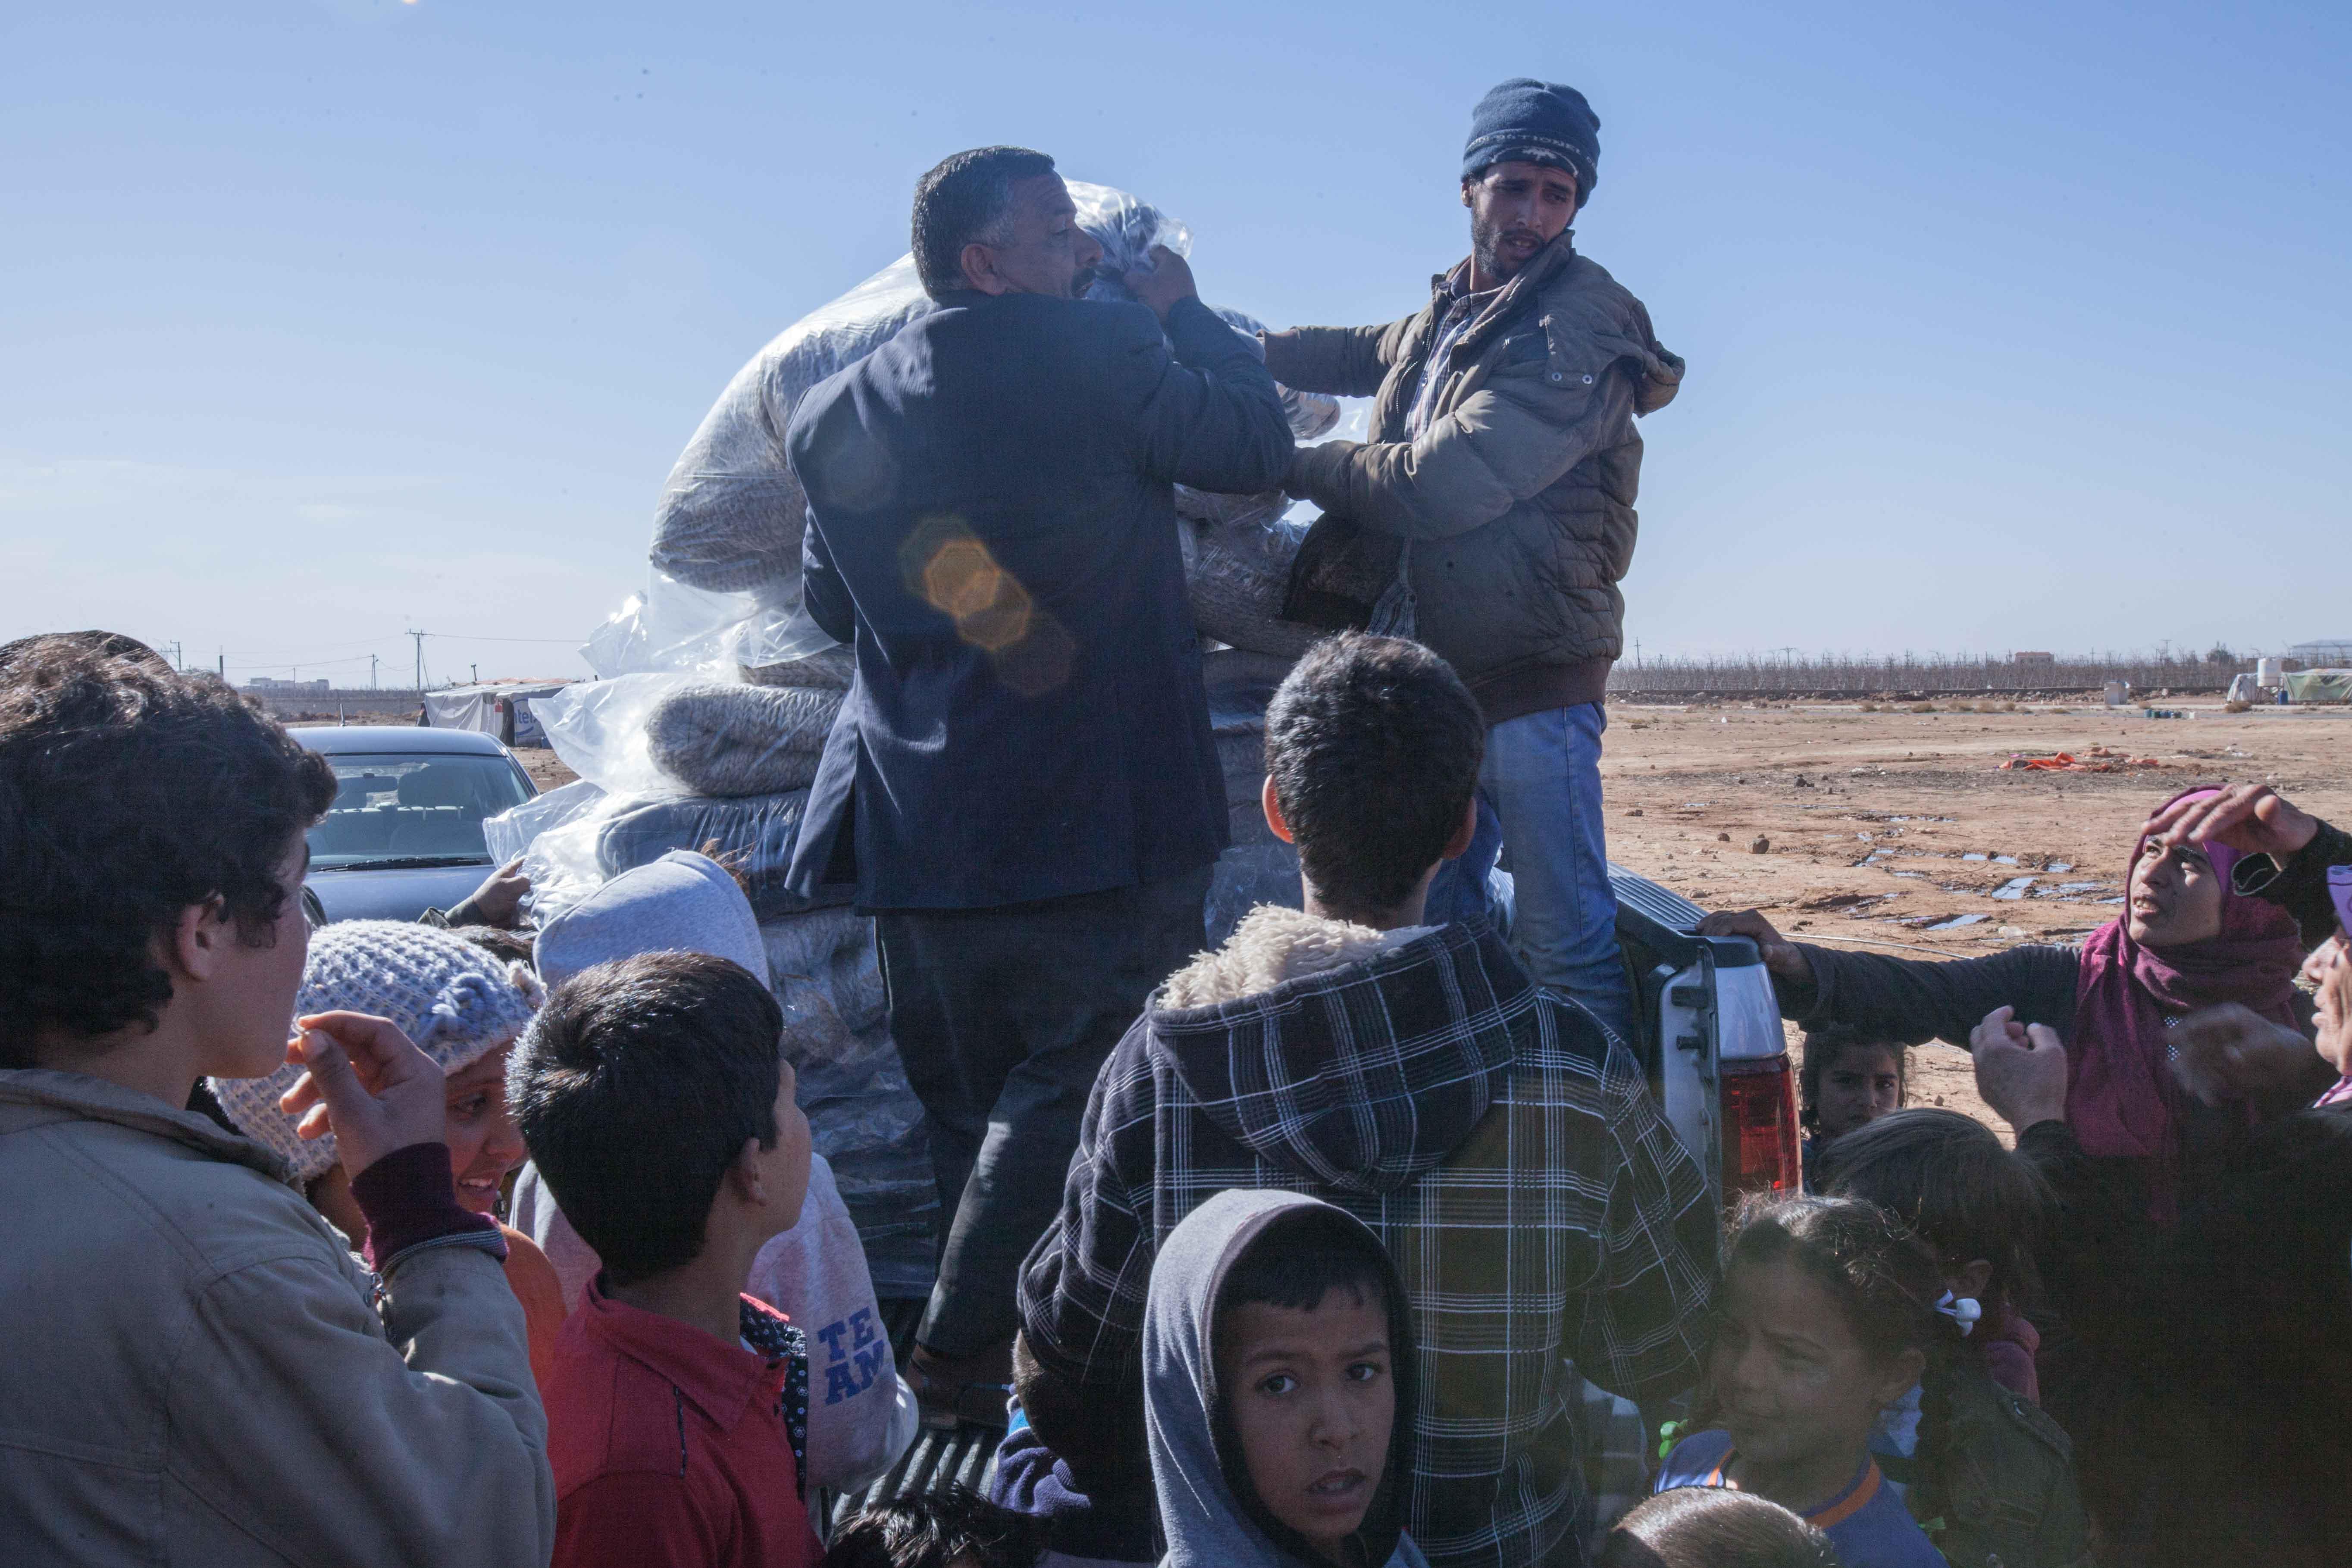 توزيع بطانيات الصوف في شمال الاردن - تصوير: حارث طبلت